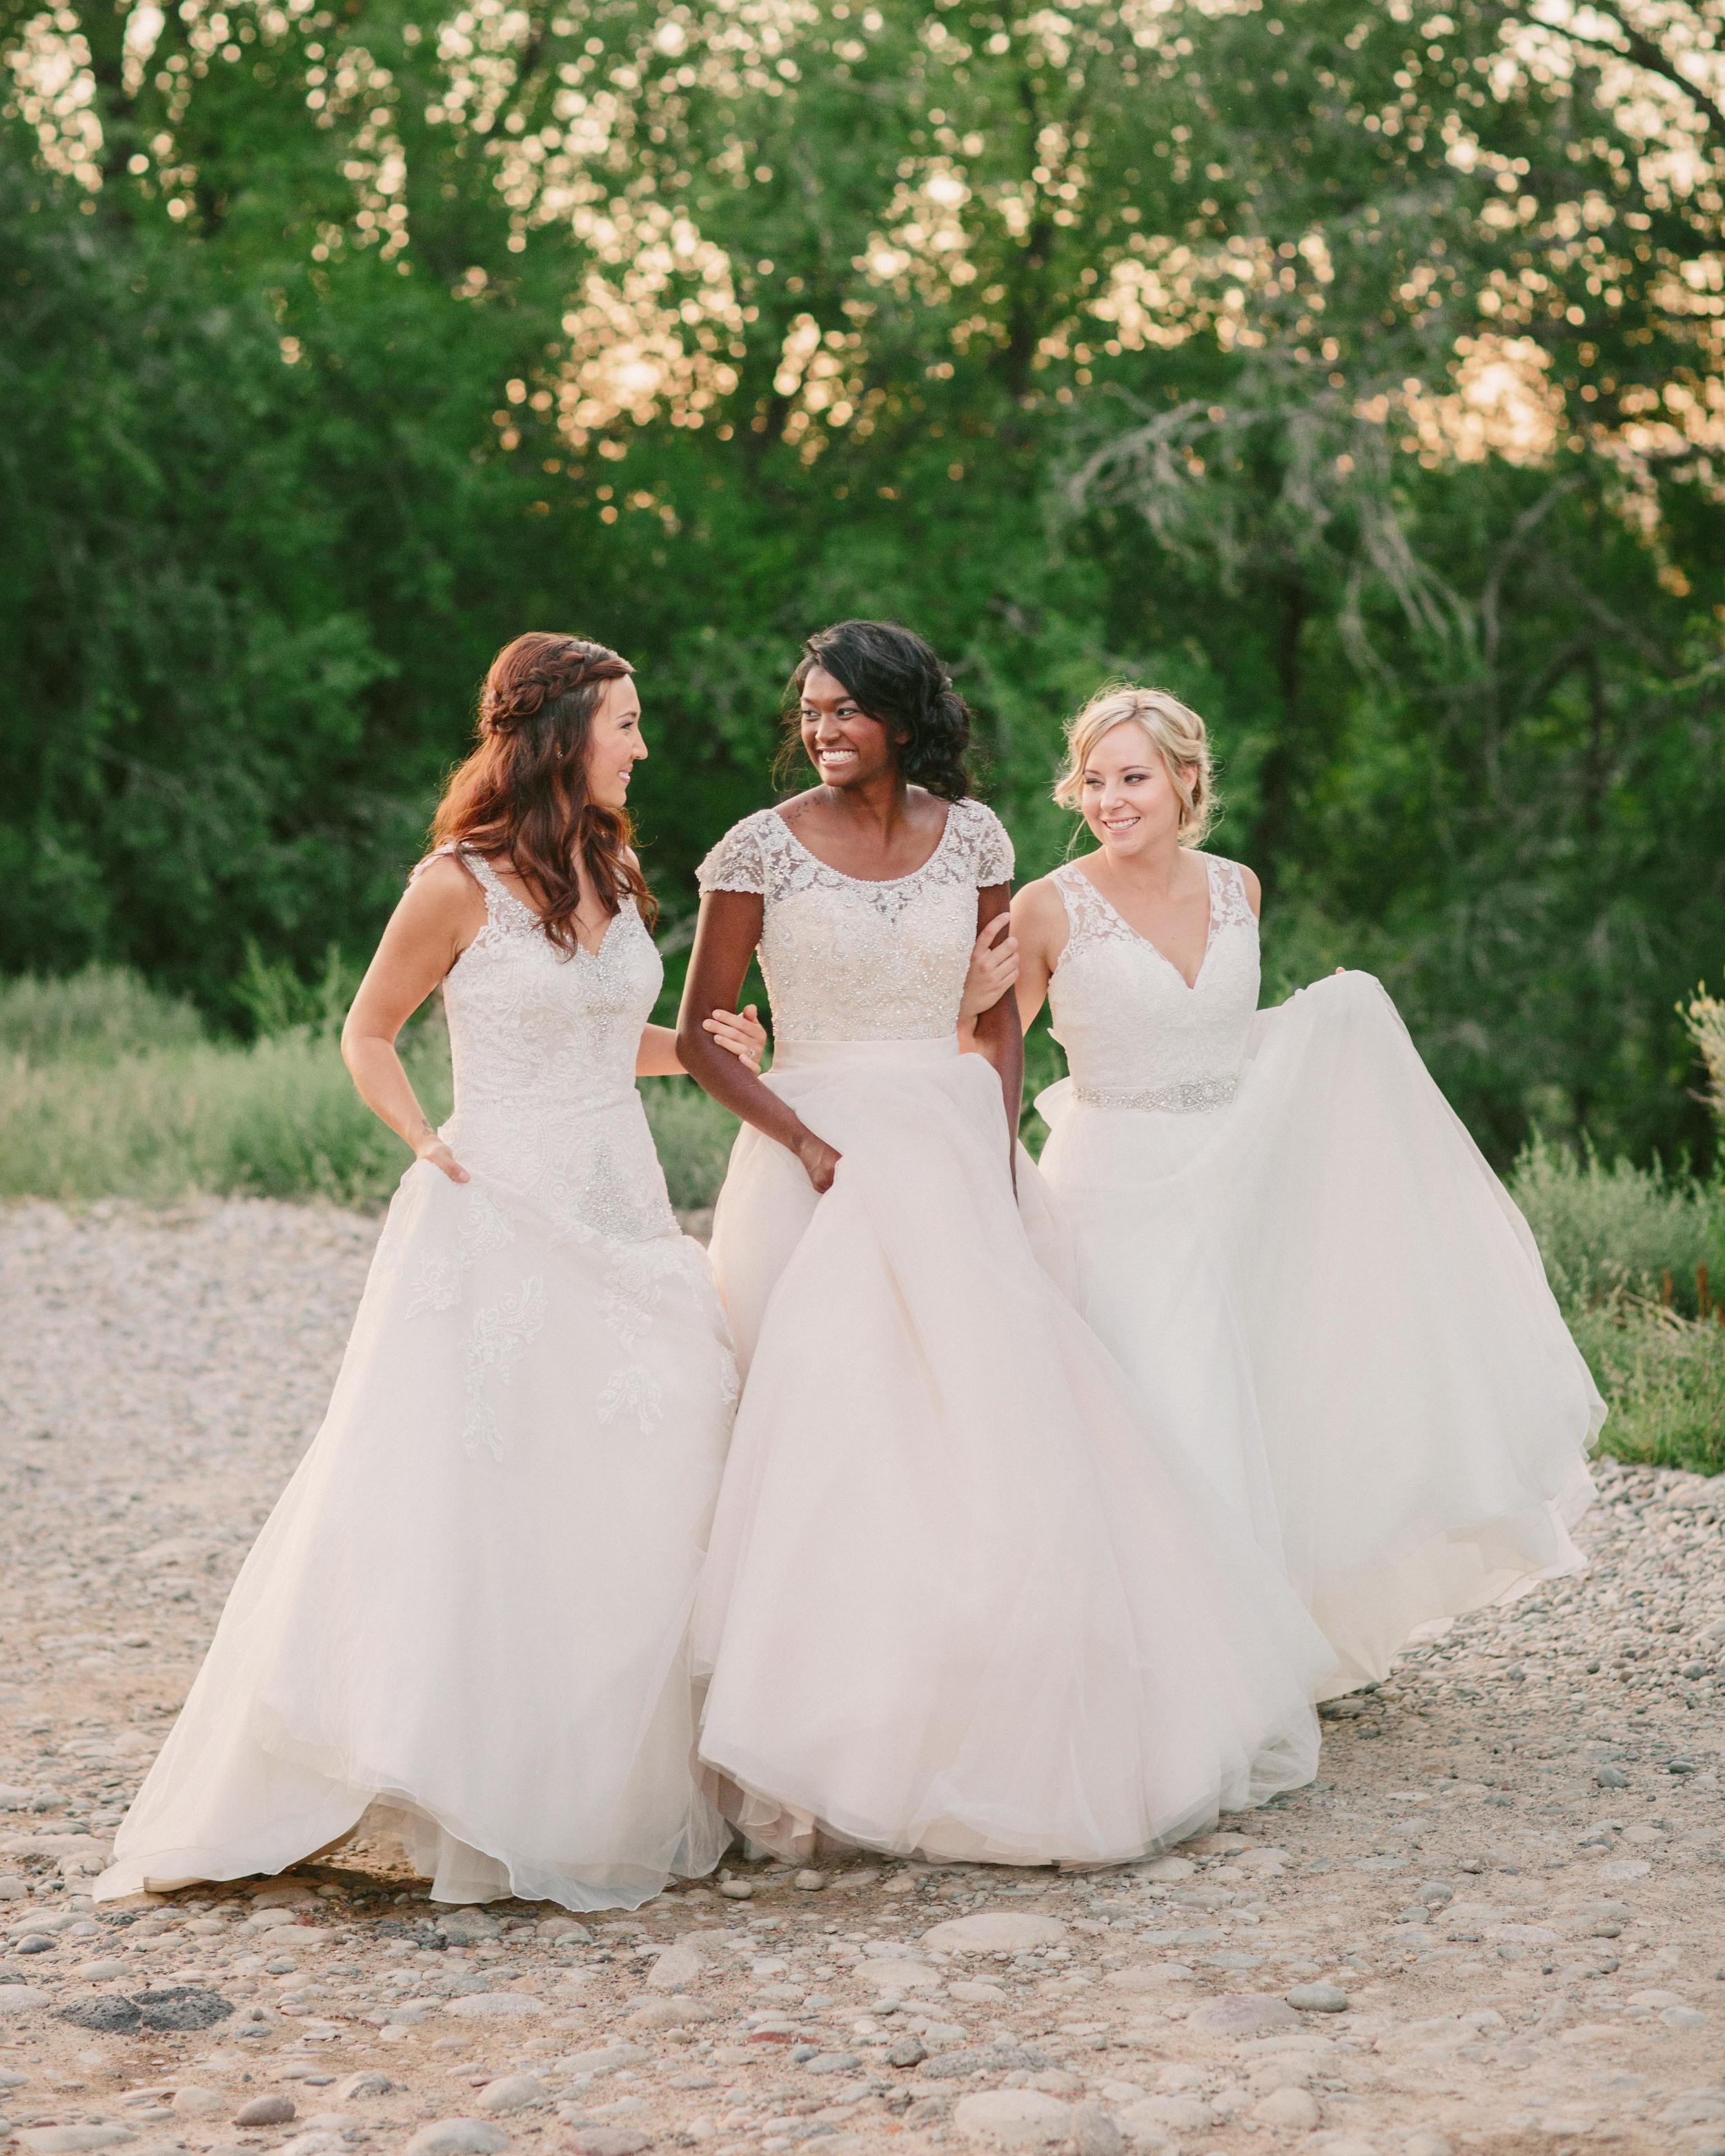 Wedding dresses by Annelise Bridal Boutique / Photo: Cat Mayer Studio